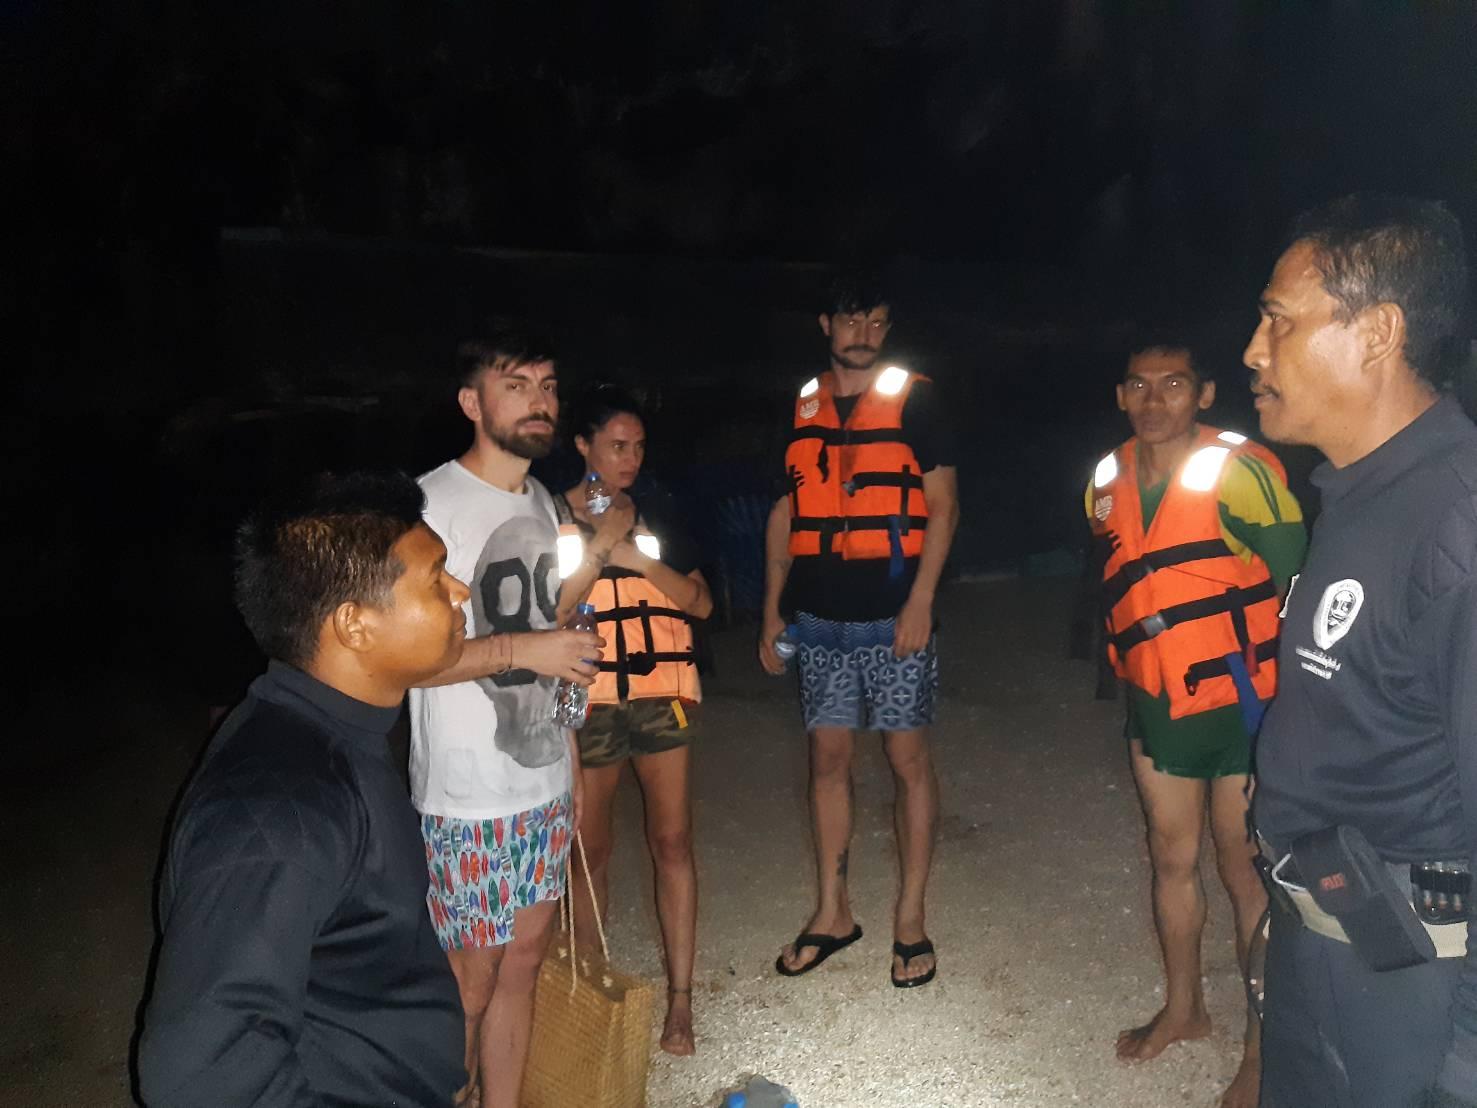 ระทึก ! นักท่องเที่ยวโรมาเนีย ติดเกาะ หลังนายท้ายพลัดตกเรือ โชคดีจับหางเสือพาเรือกลับเข้าฝั่งได้ปลอดภัย